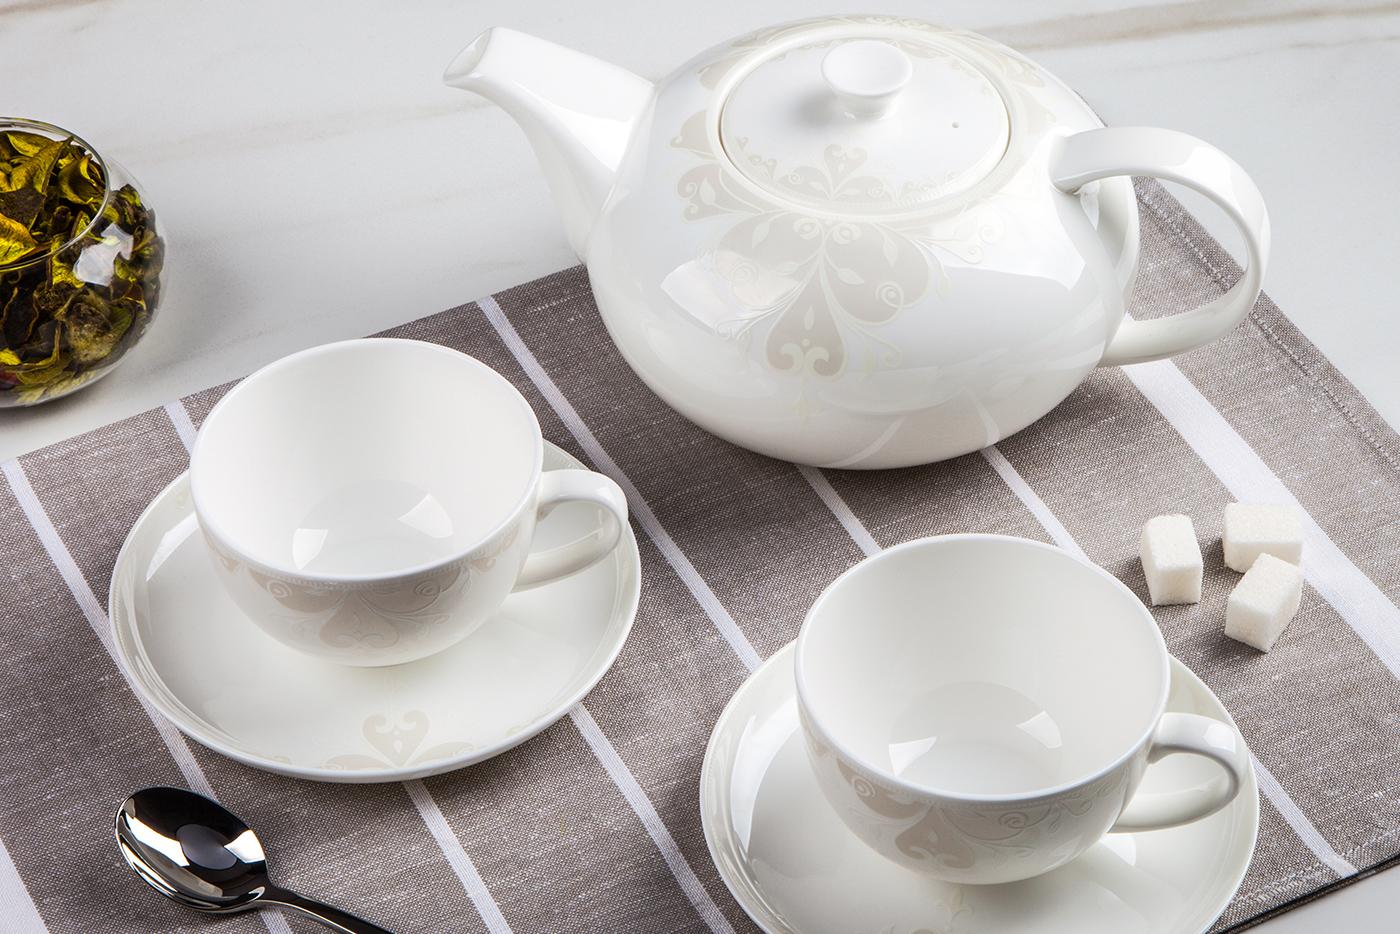 Чайный сервиз Royal Aurel Грация арт.147, 13 предметовЧайные сервизы<br>Чайный сервиз Royal Aurel Грация арт.147, 13 предметов<br><br><br><br><br><br><br><br><br><br><br>Чашка 300 мл,6 шт.<br>Блюдце 15 см,6 шт.<br>Чайник 1300 мл<br><br><br><br><br><br><br>Производить посуду из фарфора начали в Китае на стыке 6-7 веков. Неустанно совершенствуя и селективно отбирая сырье для производства посуды из фарфора, мастерам удалось добиться выдающихся характеристик фарфора: белизны и тонкостенности. В XV веке появился особый интерес к китайской фарфоровой посуде, так как в это время Европе возникла мода на самобытные китайские вещи. Роскошный китайский фарфор являлся изыском и был в новинку, поэтому он выступал в качестве подарка королям, а также знатным людям. Такой дорогой подарок был очень престижен и по праву являлся элитной посудой. Как известно из многочисленных исторических документов, в Европе китайские изделия из фарфора ценились практически как золото. <br>Проверка изделий из костяного фарфора на подлинность <br>По сравнению с производством других видов фарфора процесс производства изделий из настоящего костяного фарфора сложен и весьма длителен. Посуда из изящного фарфора - это элитная посуда, которая всегда ассоциируется с богатством, величием и благородством. Несмотря на небольшую толщину, фарфоровая посуда - это очень прочное изделие. Для демонстрации плотности и прочности фарфора можно легко коснуться предметов посуды из фарфора деревянной палочкой, и тогда мы услушим характерный металлический звон. В составе фарфоровой посуды присутствует костяная зола, благодаря чему она может быть намного тоньше (не более 2,5 мм) и легче твердого или мягкого фарфора. Безупречная белизна - ключевой признак отличия такого фарфора от других. Цвет обычного фарфора сероватый или ближе к голубоватому, а костяной фарфор будет всегда будет молочно-белого цвета. Характерная и немаловажная деталь - это невесомая прозрачность изделий из фарфора такая, что сквозь него проходит свет.<br>